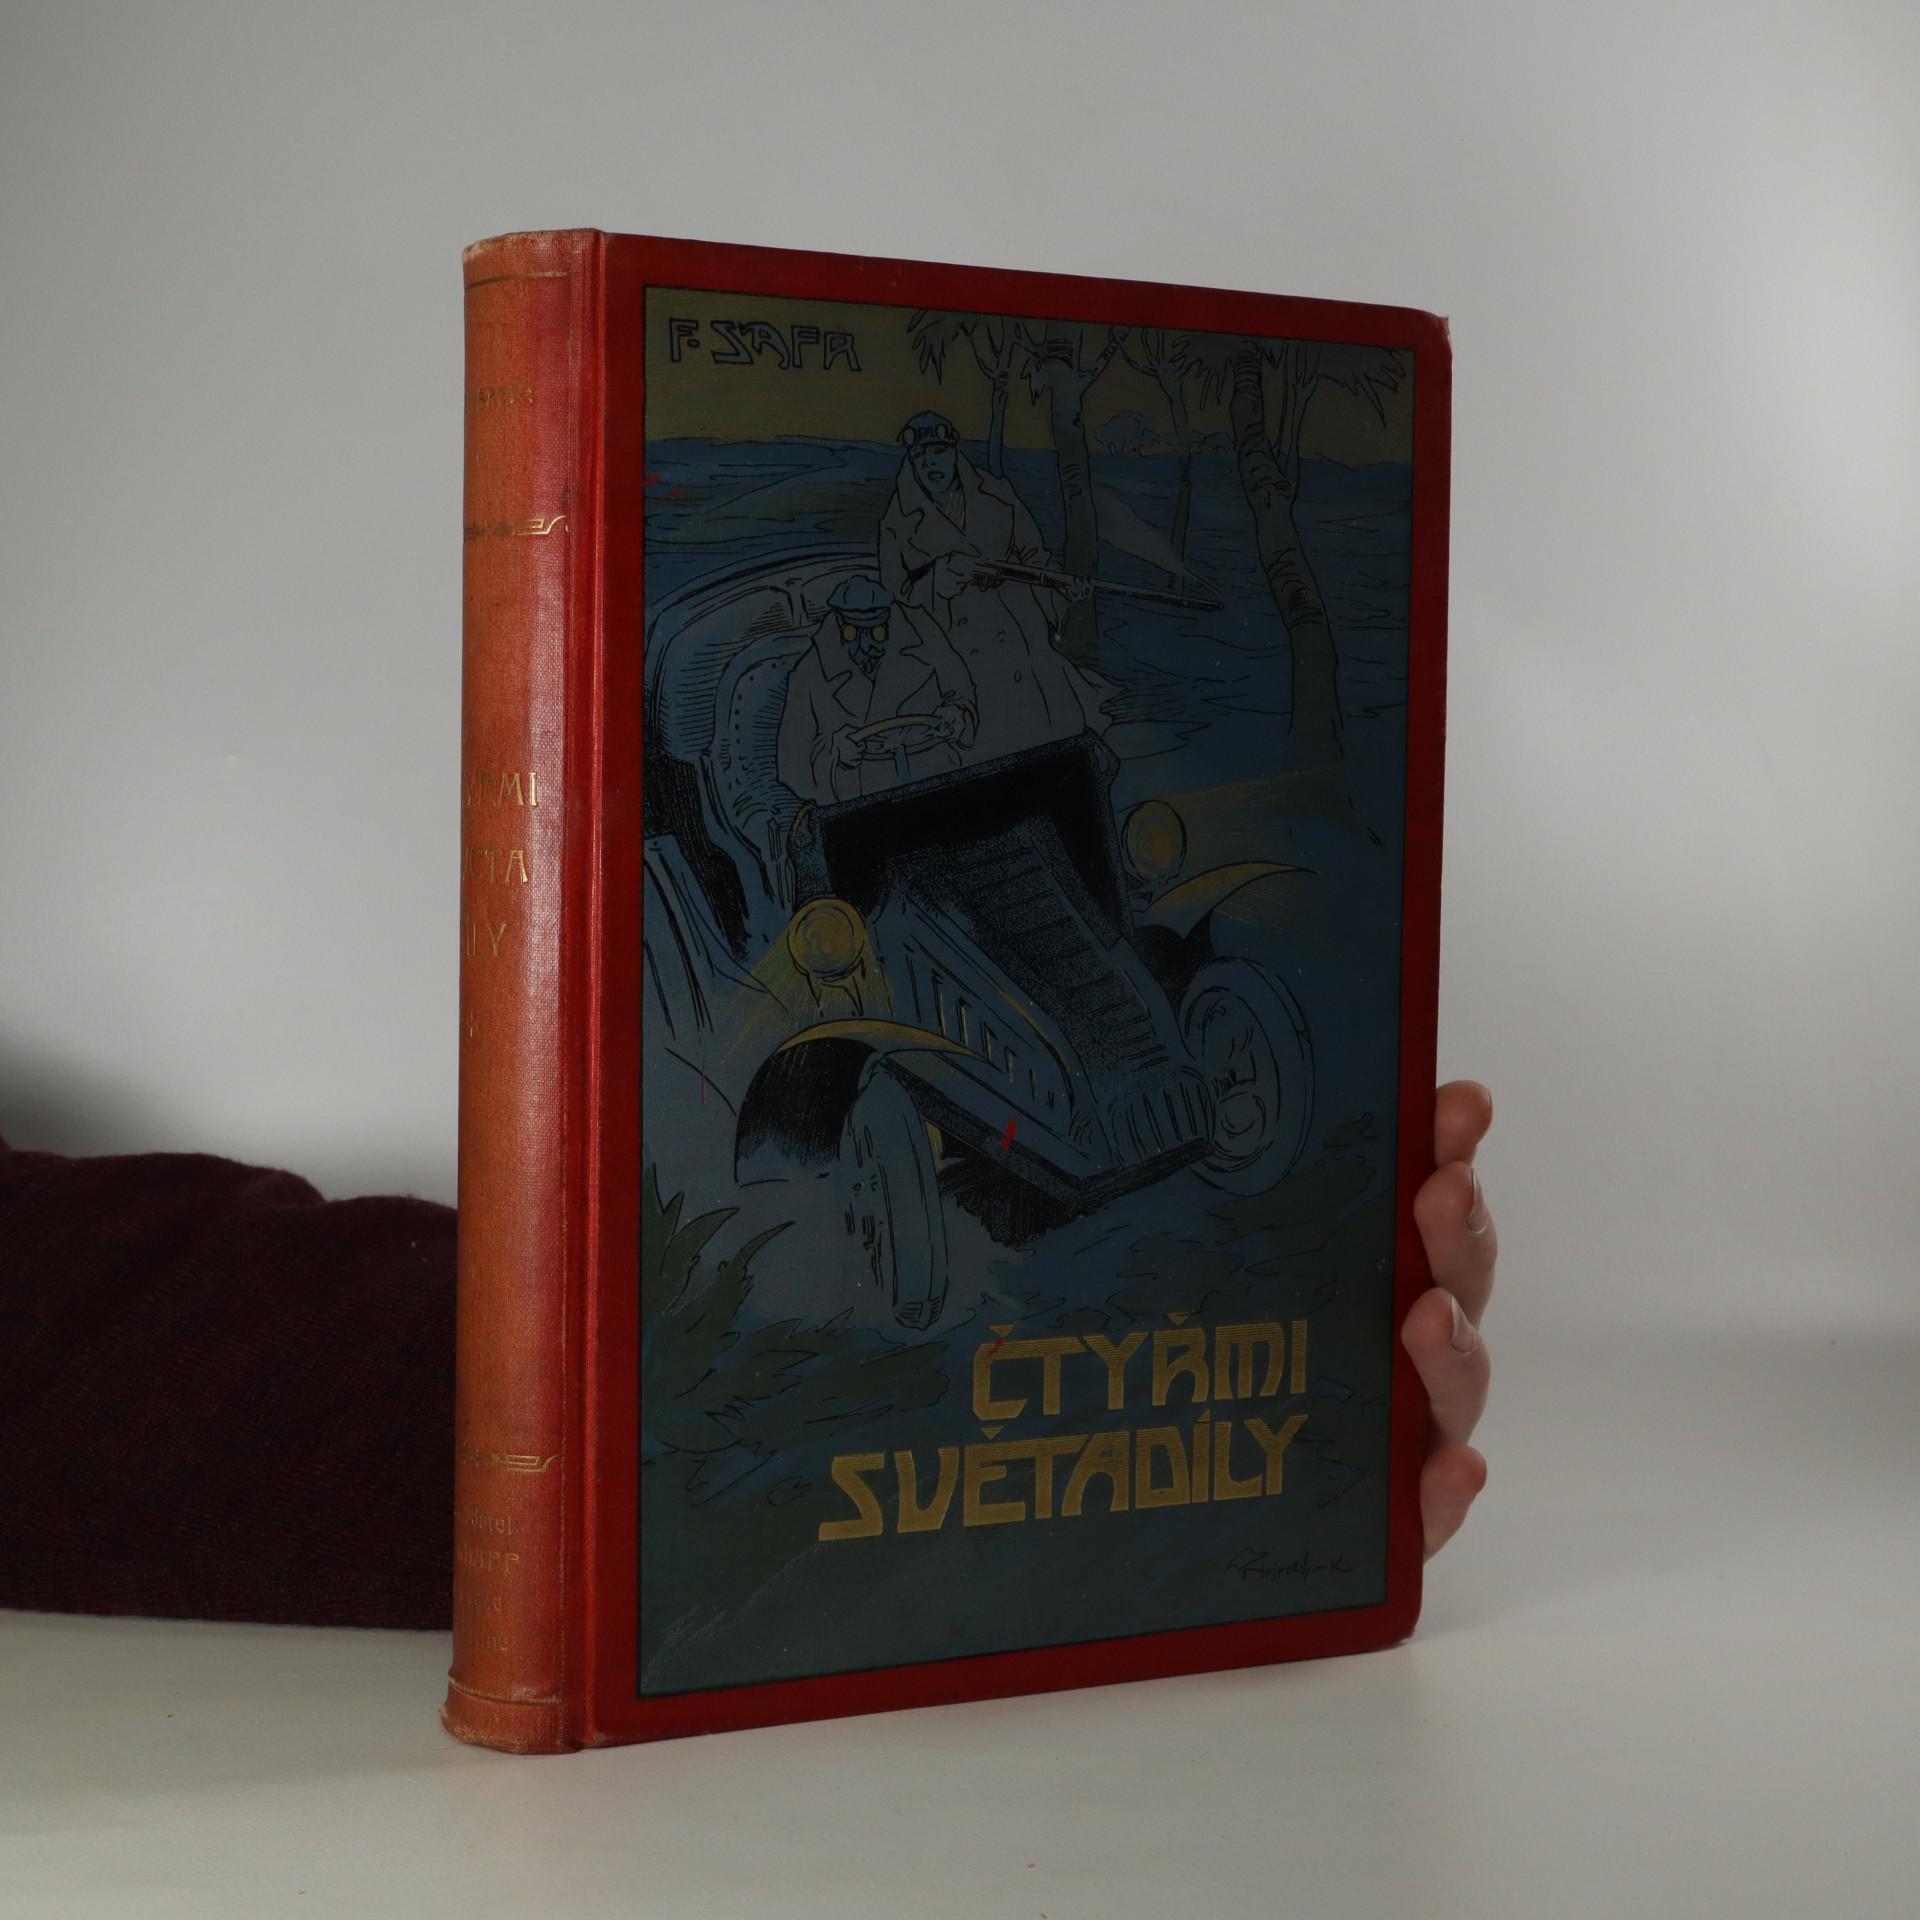 antikvární kniha Čtyřmi světa díly, neuveden